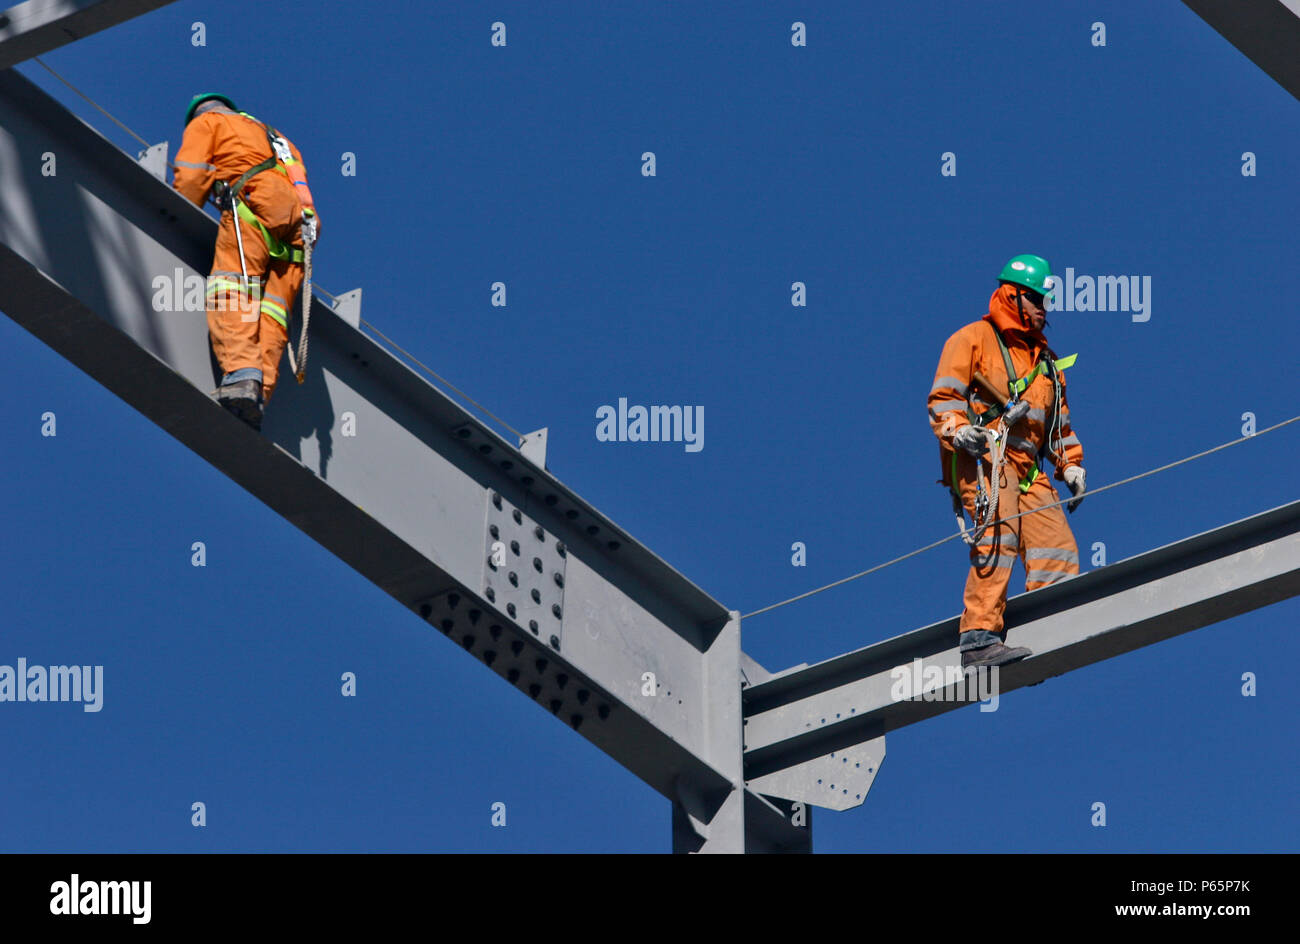 Les travailleurs de l'acier de marcher sur des poutres en acier avec fixation de sécurité Banque D'Images